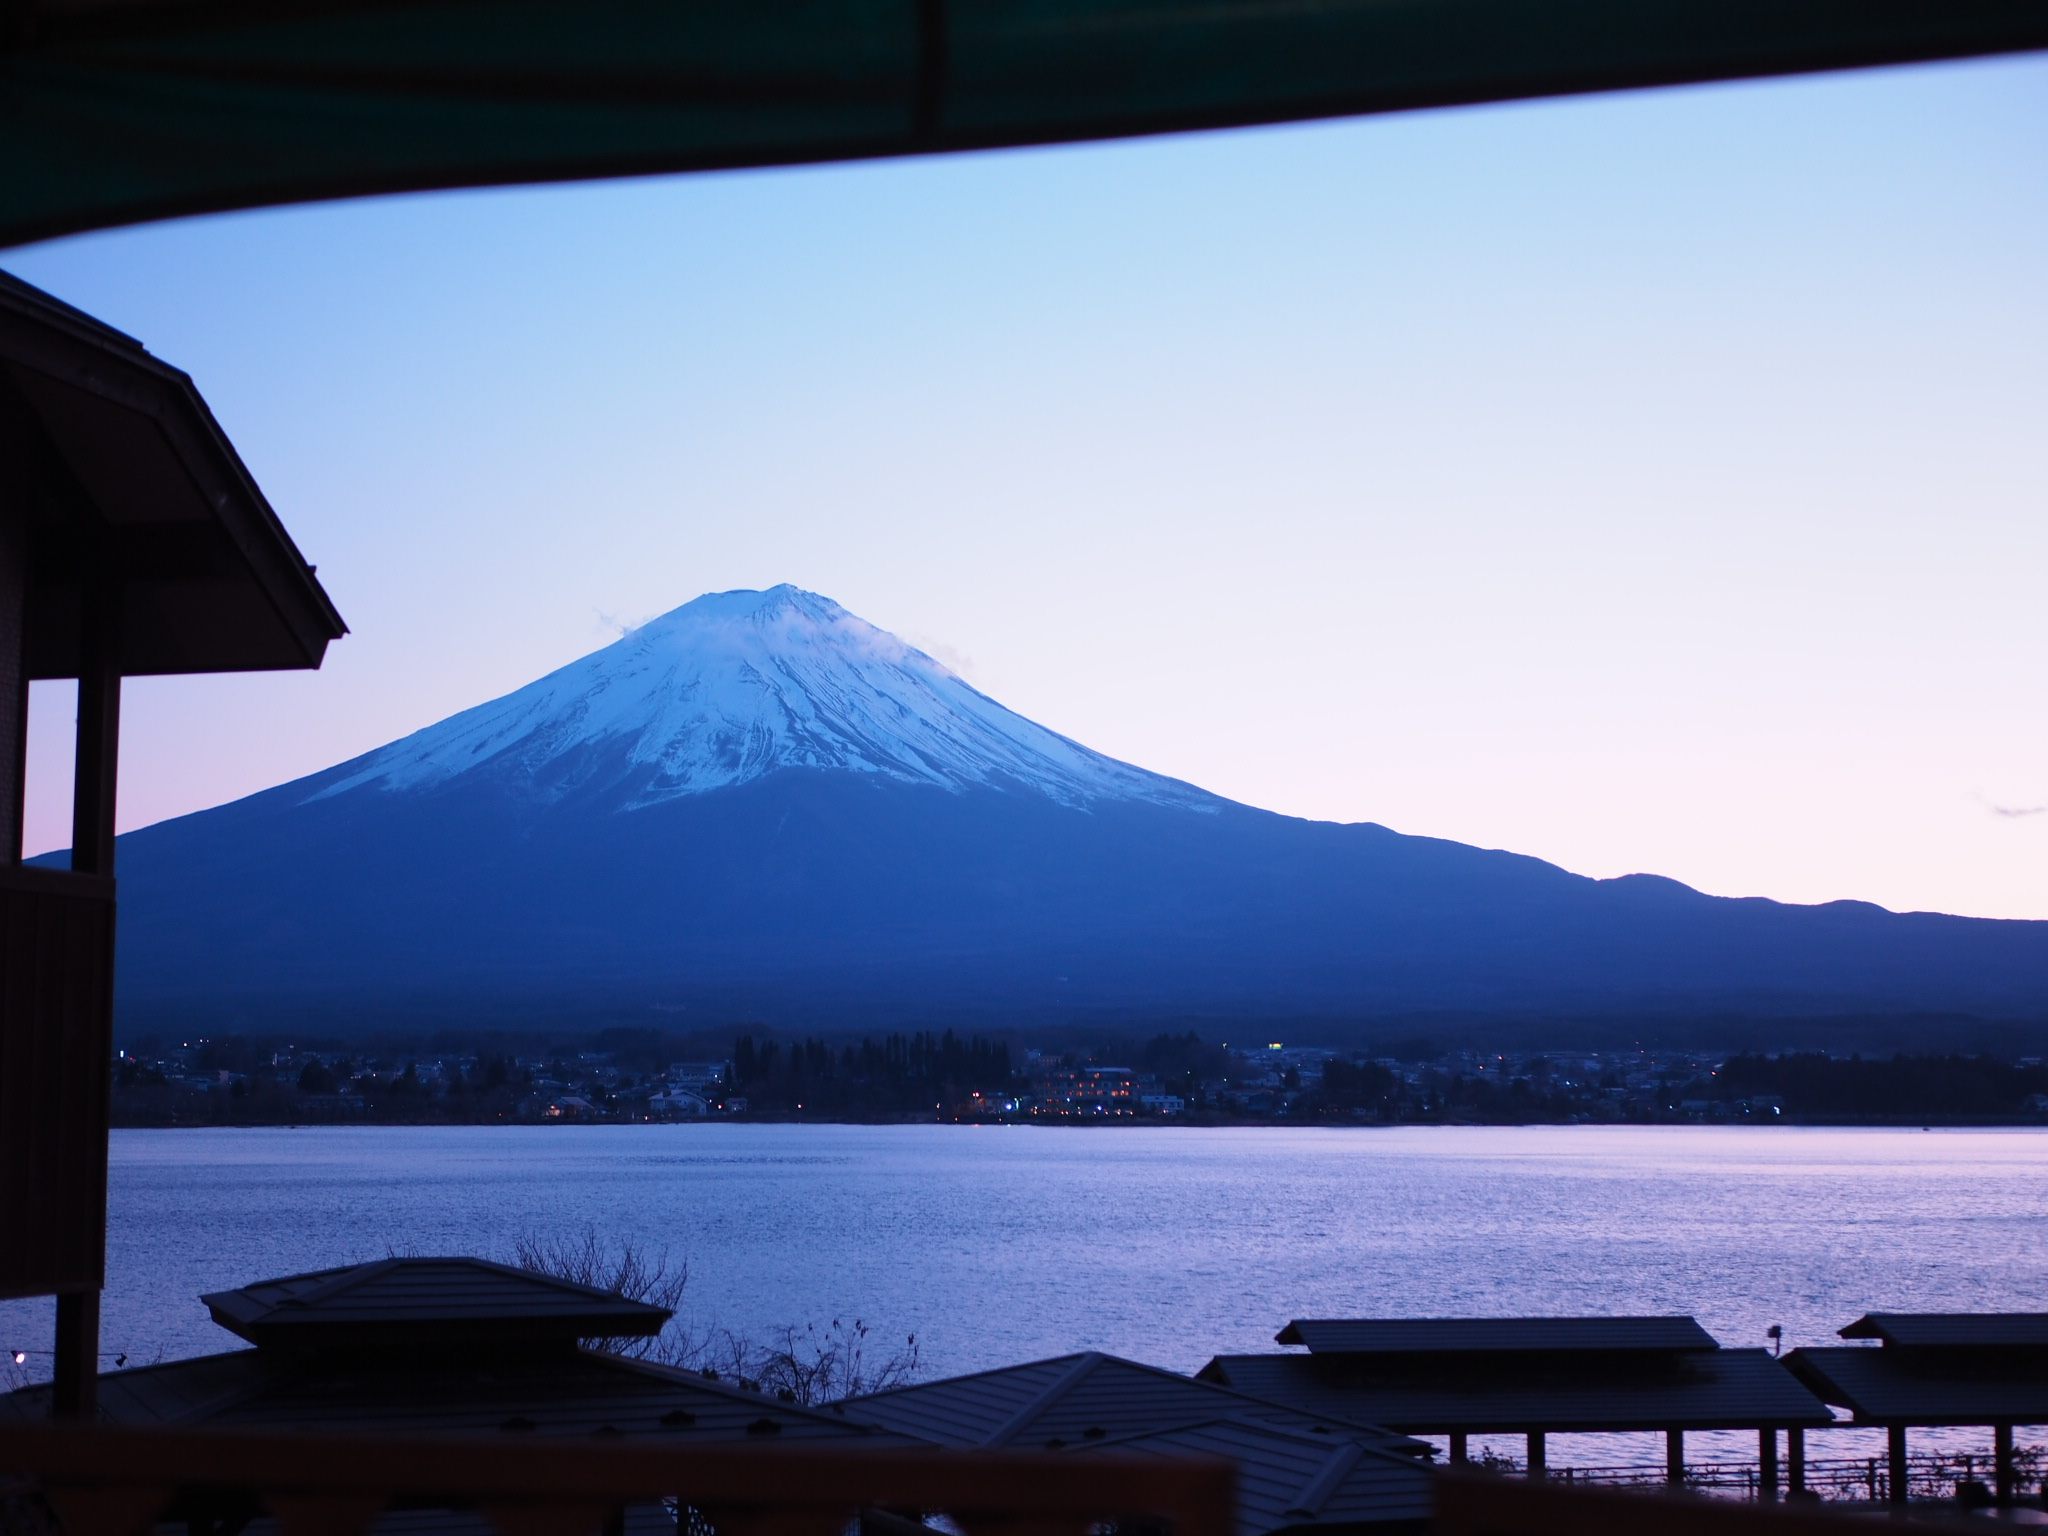 【#河口湖合宿】富士山の目の前のペンションでわいわい一泊旅♩〜宿編〜_3